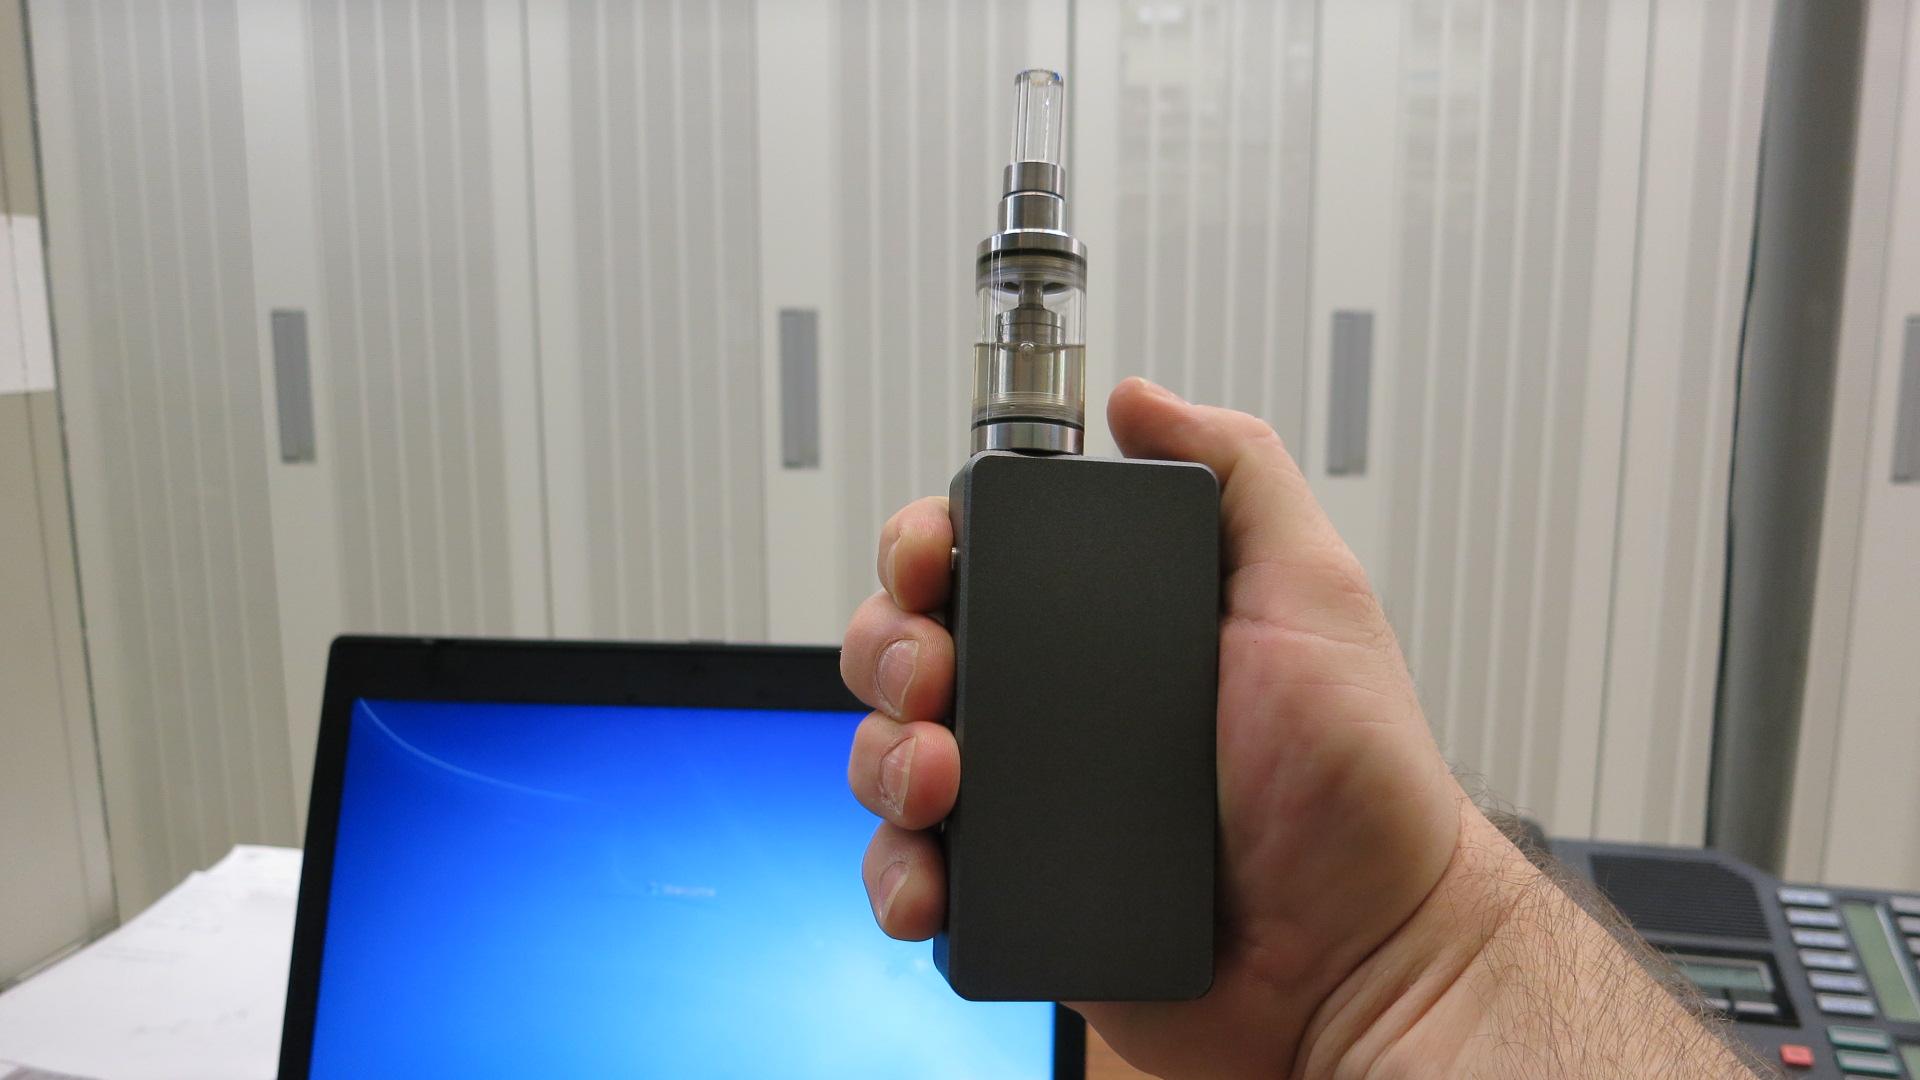 iPV2 50 Watt Box Mod 1st Impressions